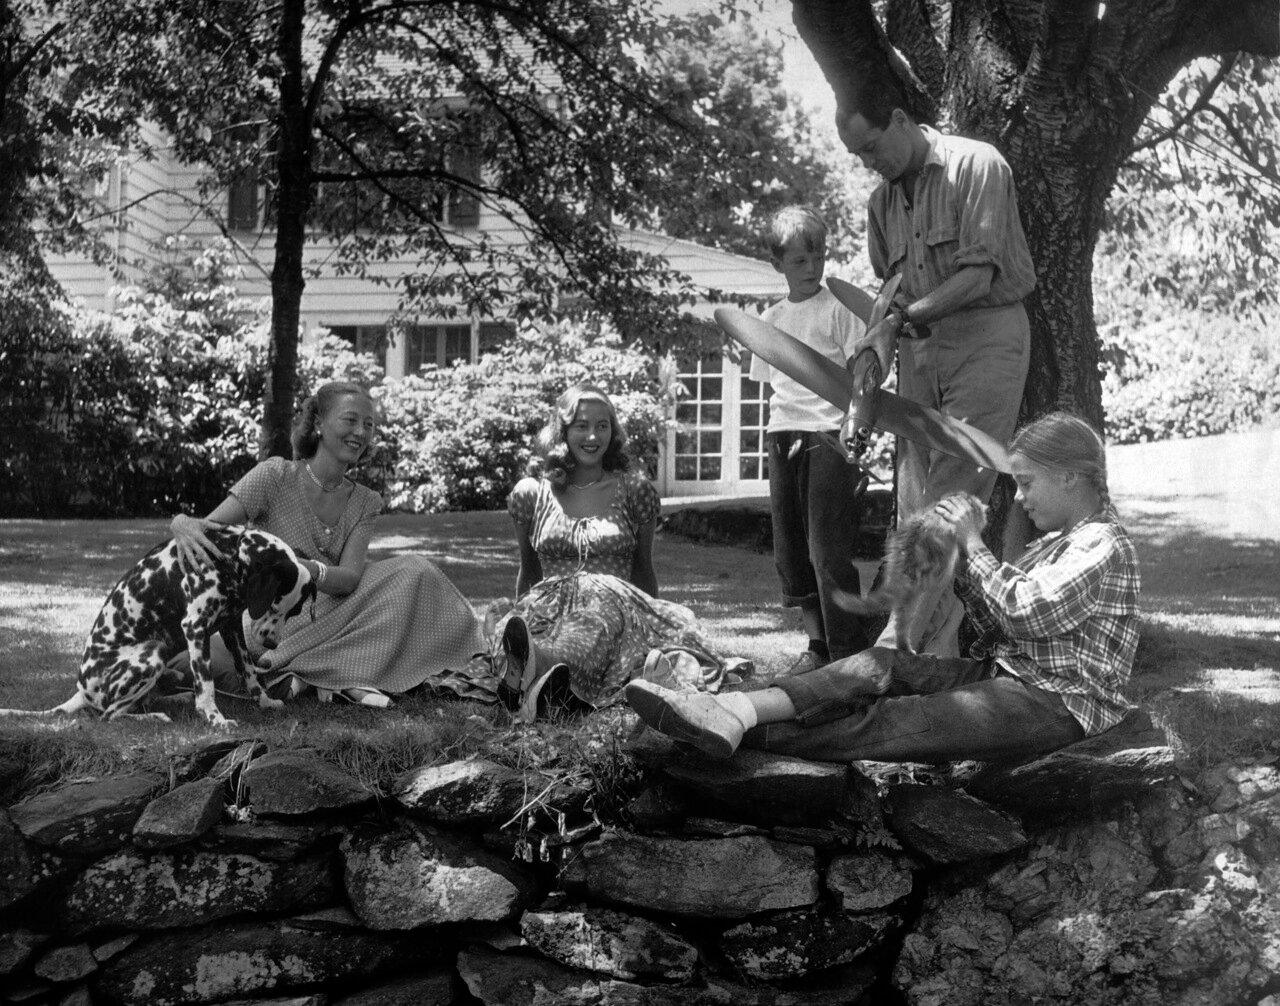 Семья Фонда во дворе своего дома. Питер Фонда, Генри Фонда, Джейн Фонда, Фрэнсис Броко